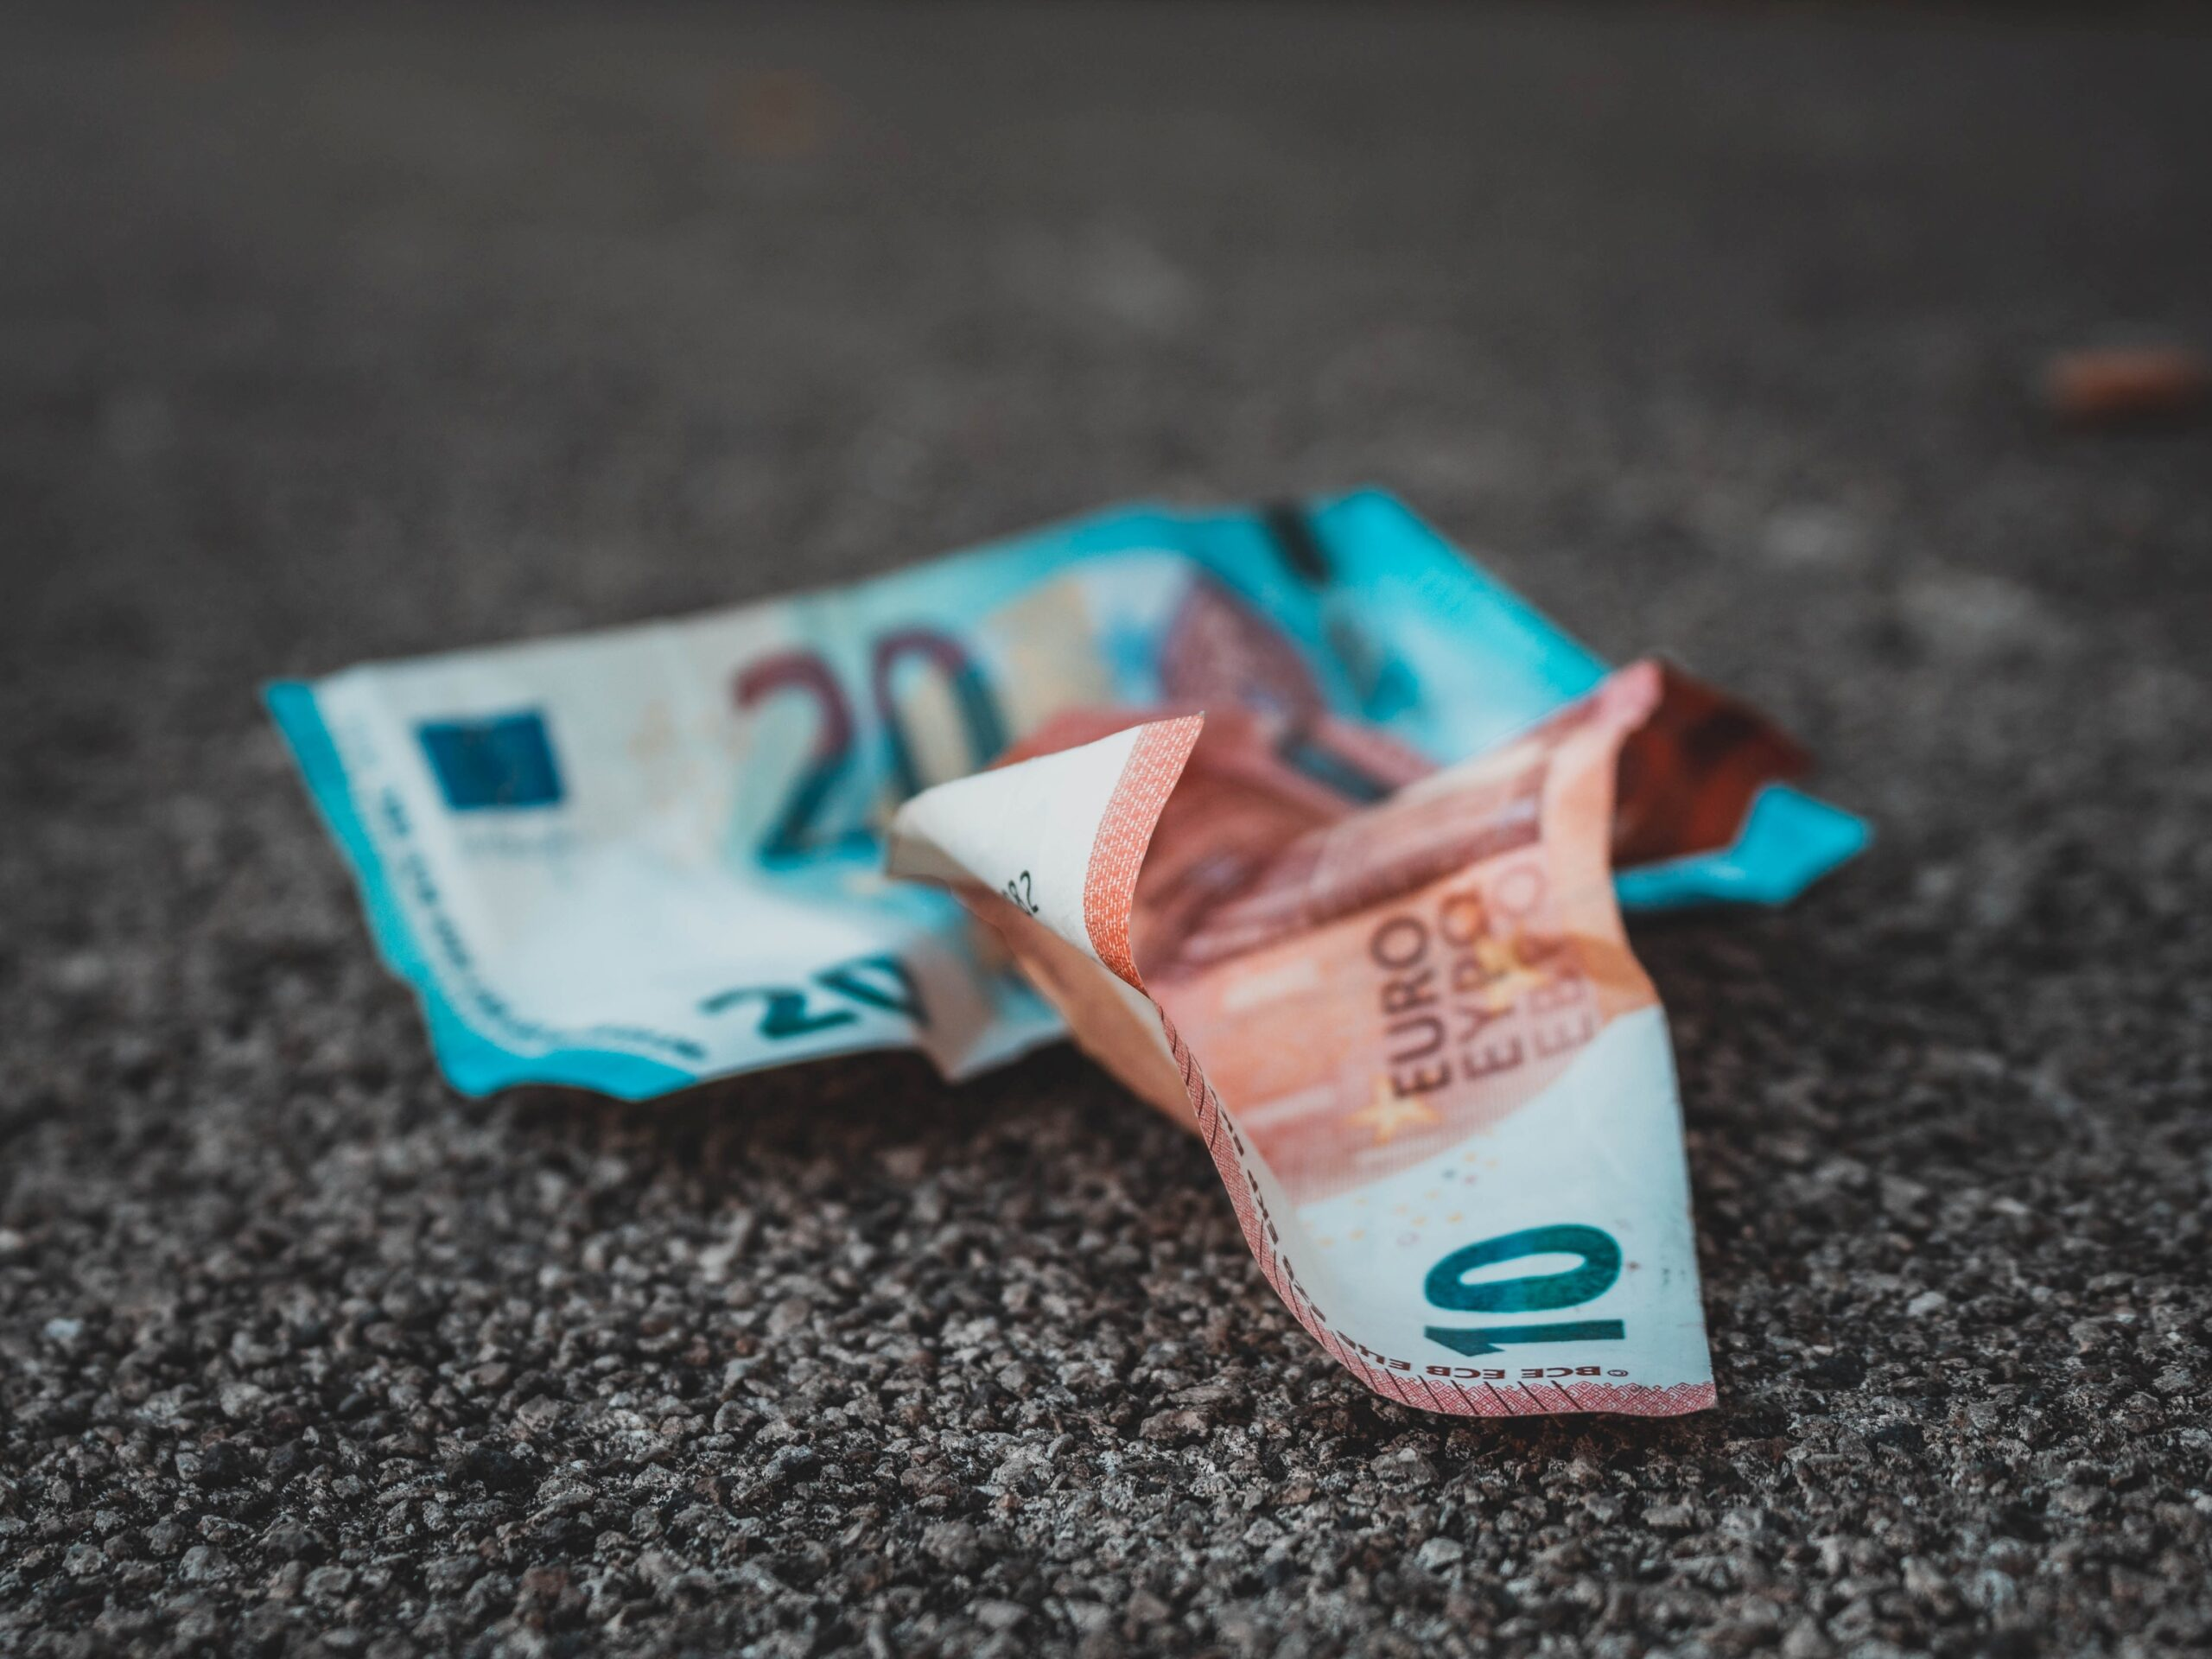 Inflation – Warum haben alle Angst davor?